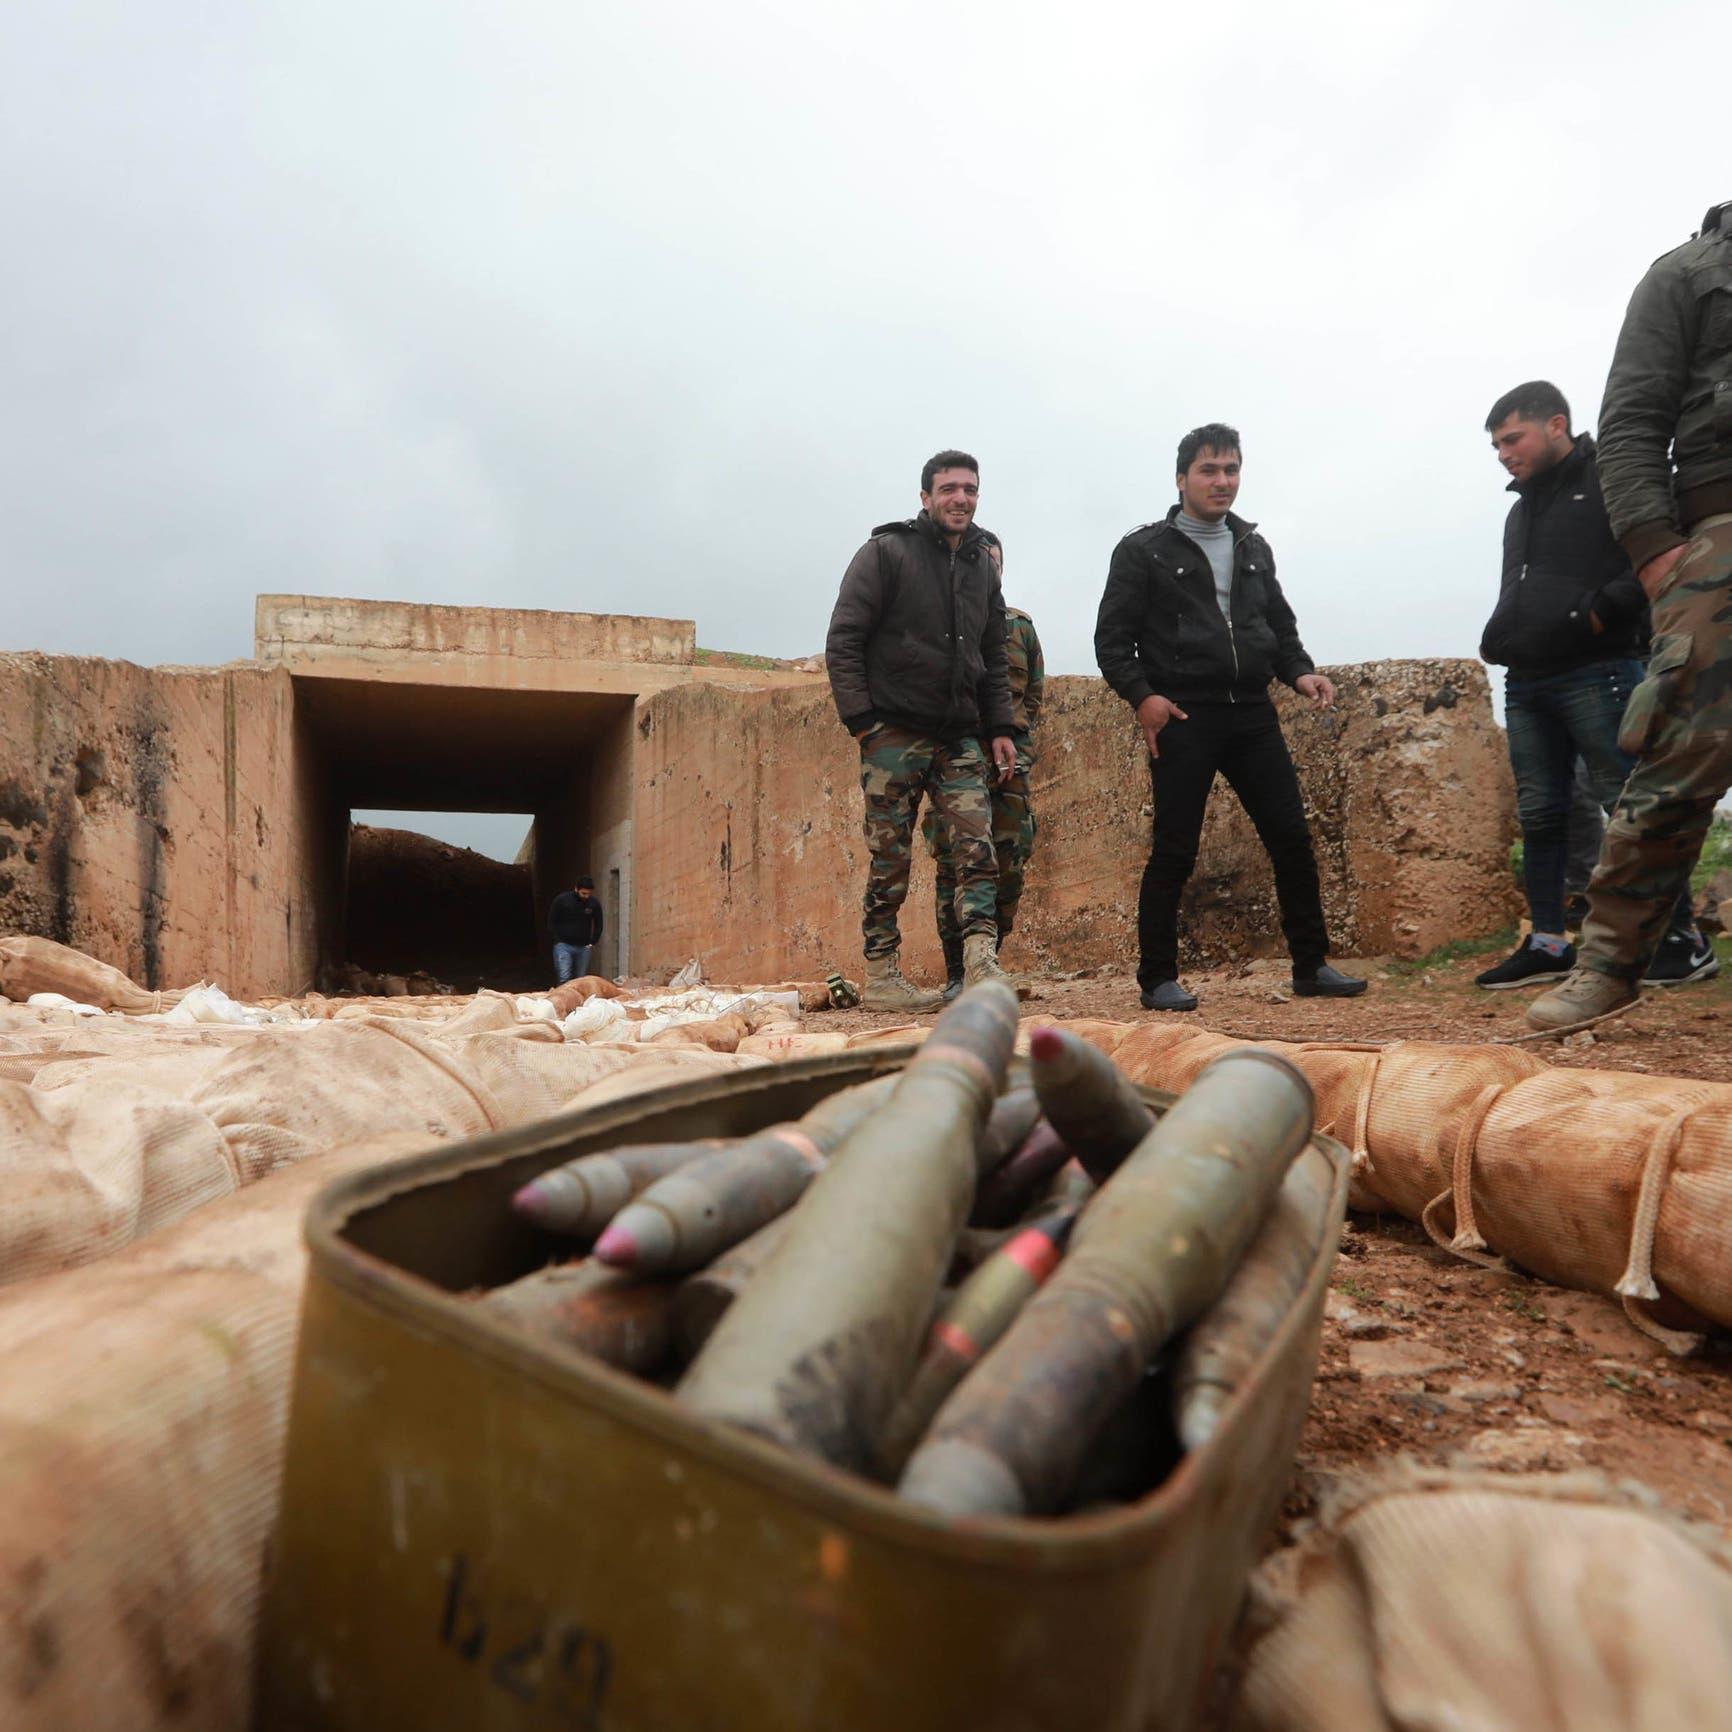 سوريا.. مقتل 9 مقاتلين موالين للنظام بتفجير في درعا